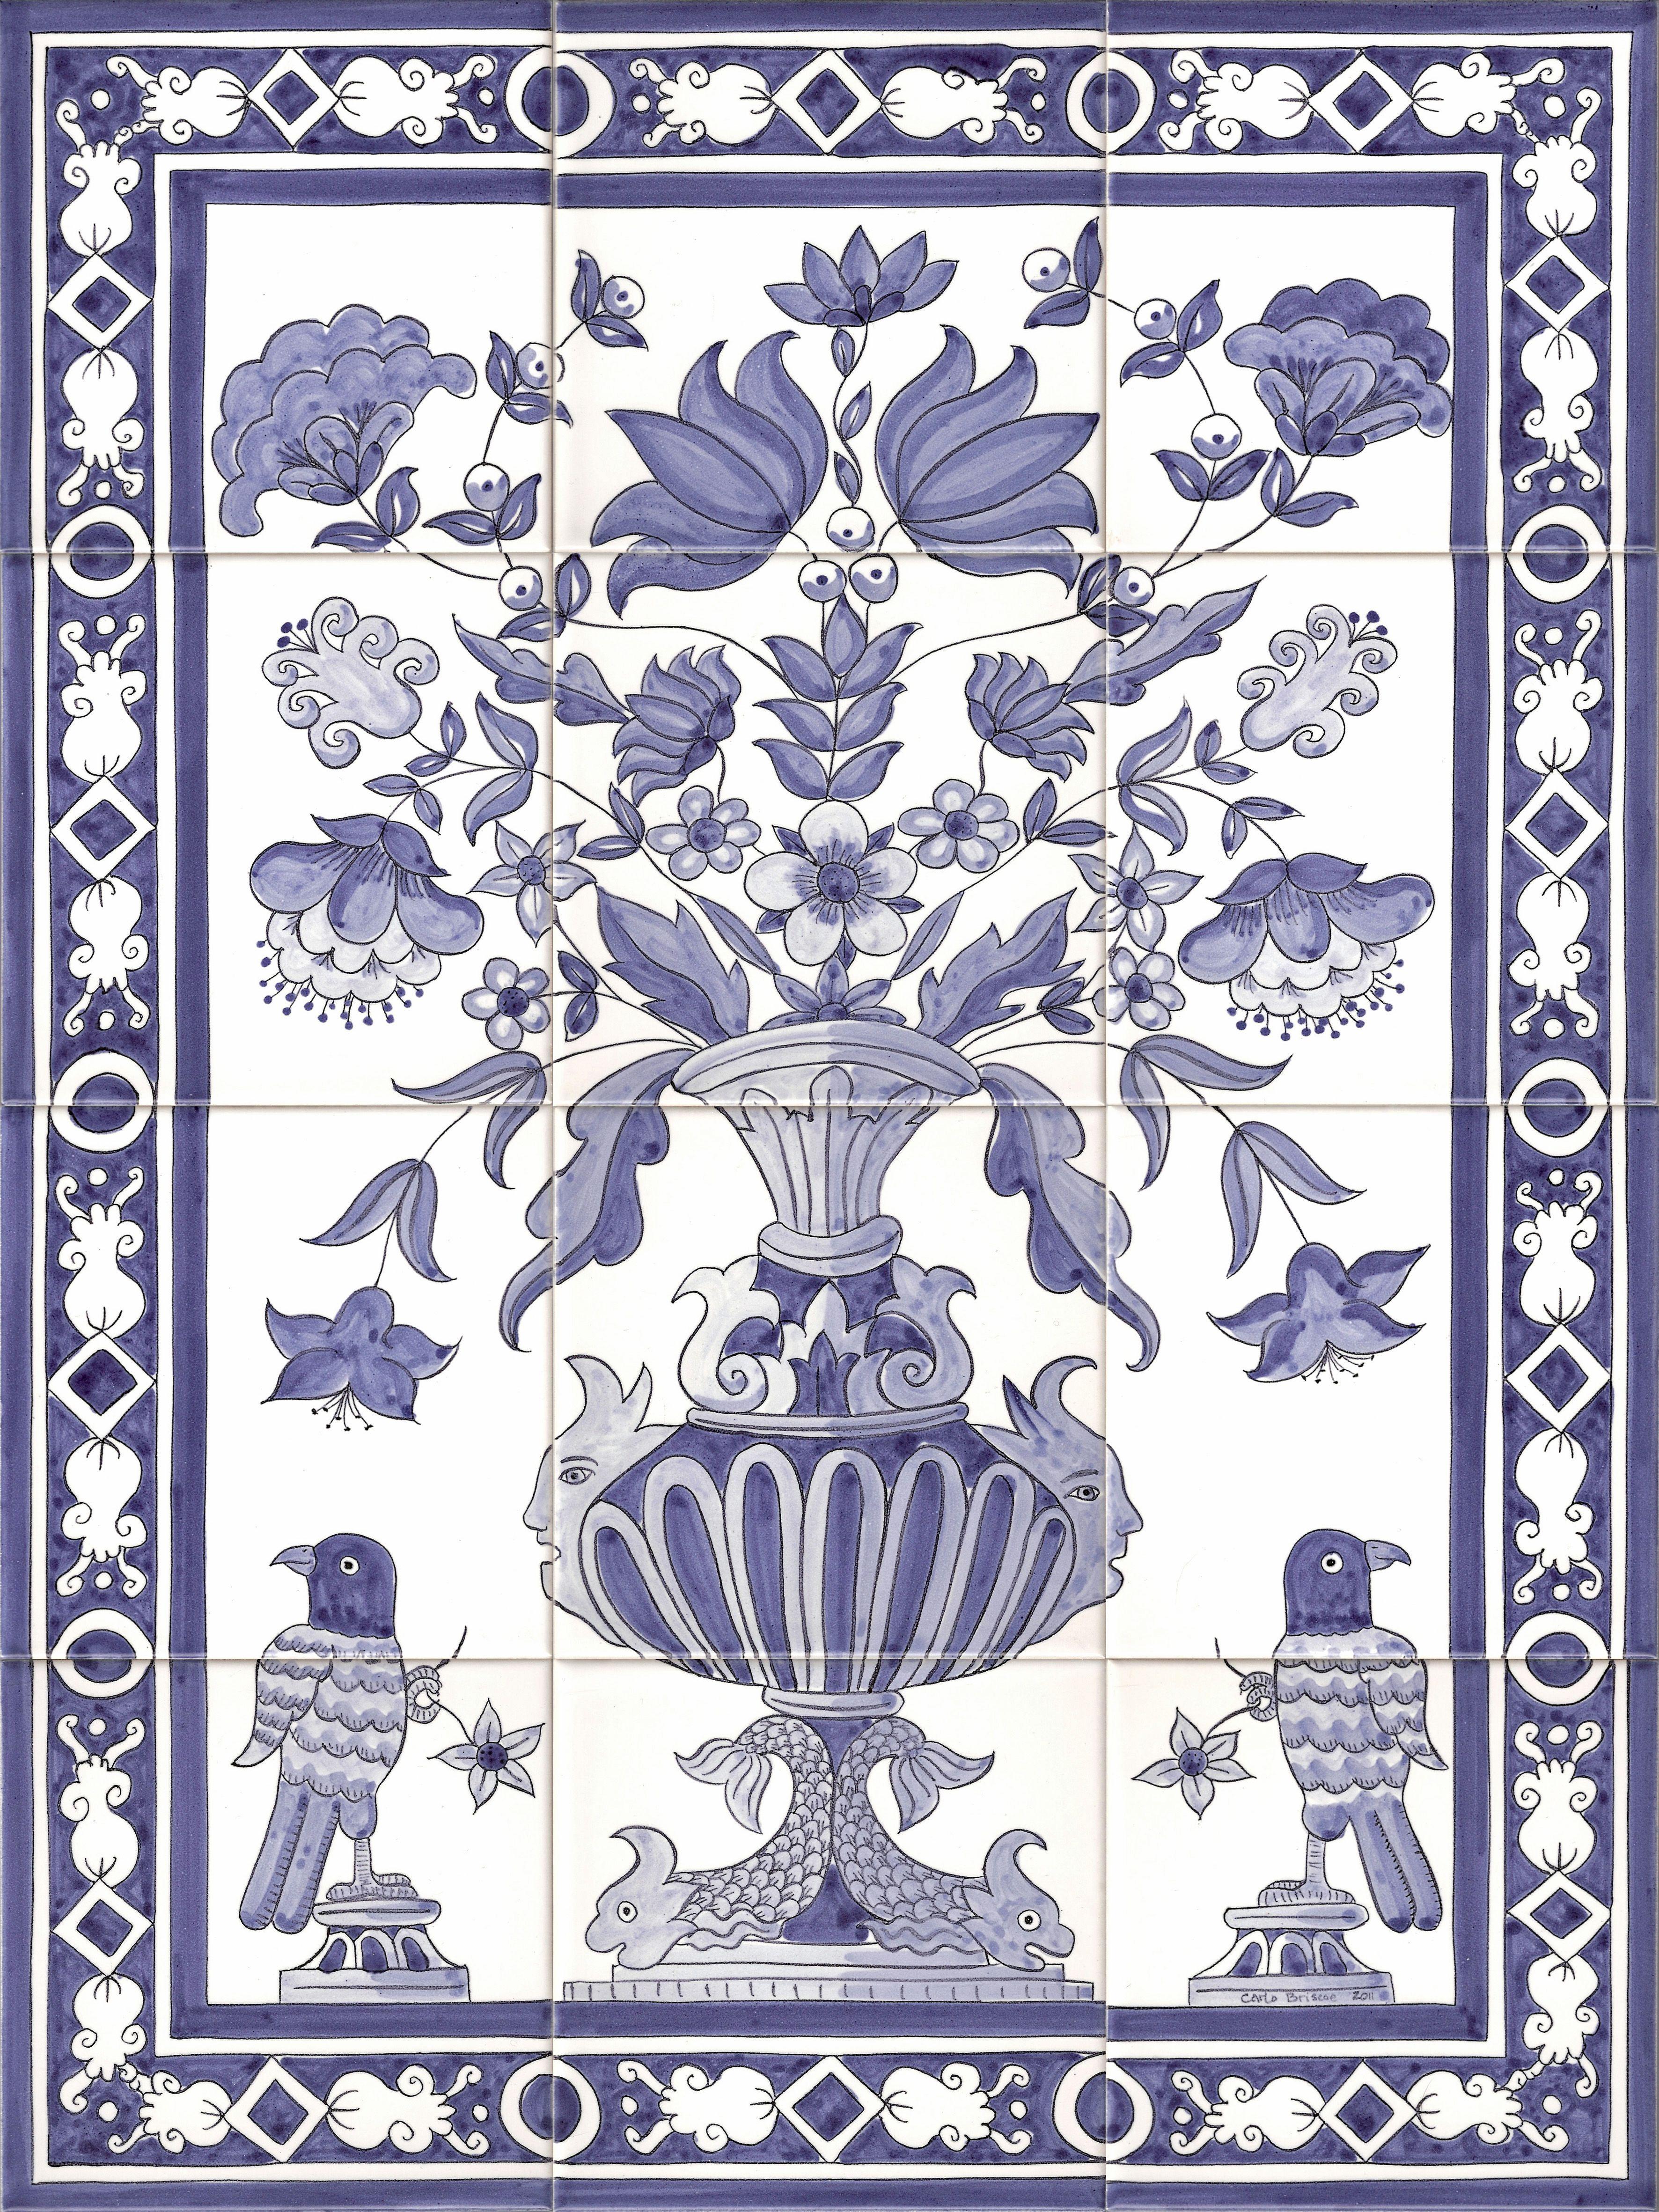 New vase 3544 4725 tiles murals pinterest for Delft tile mural